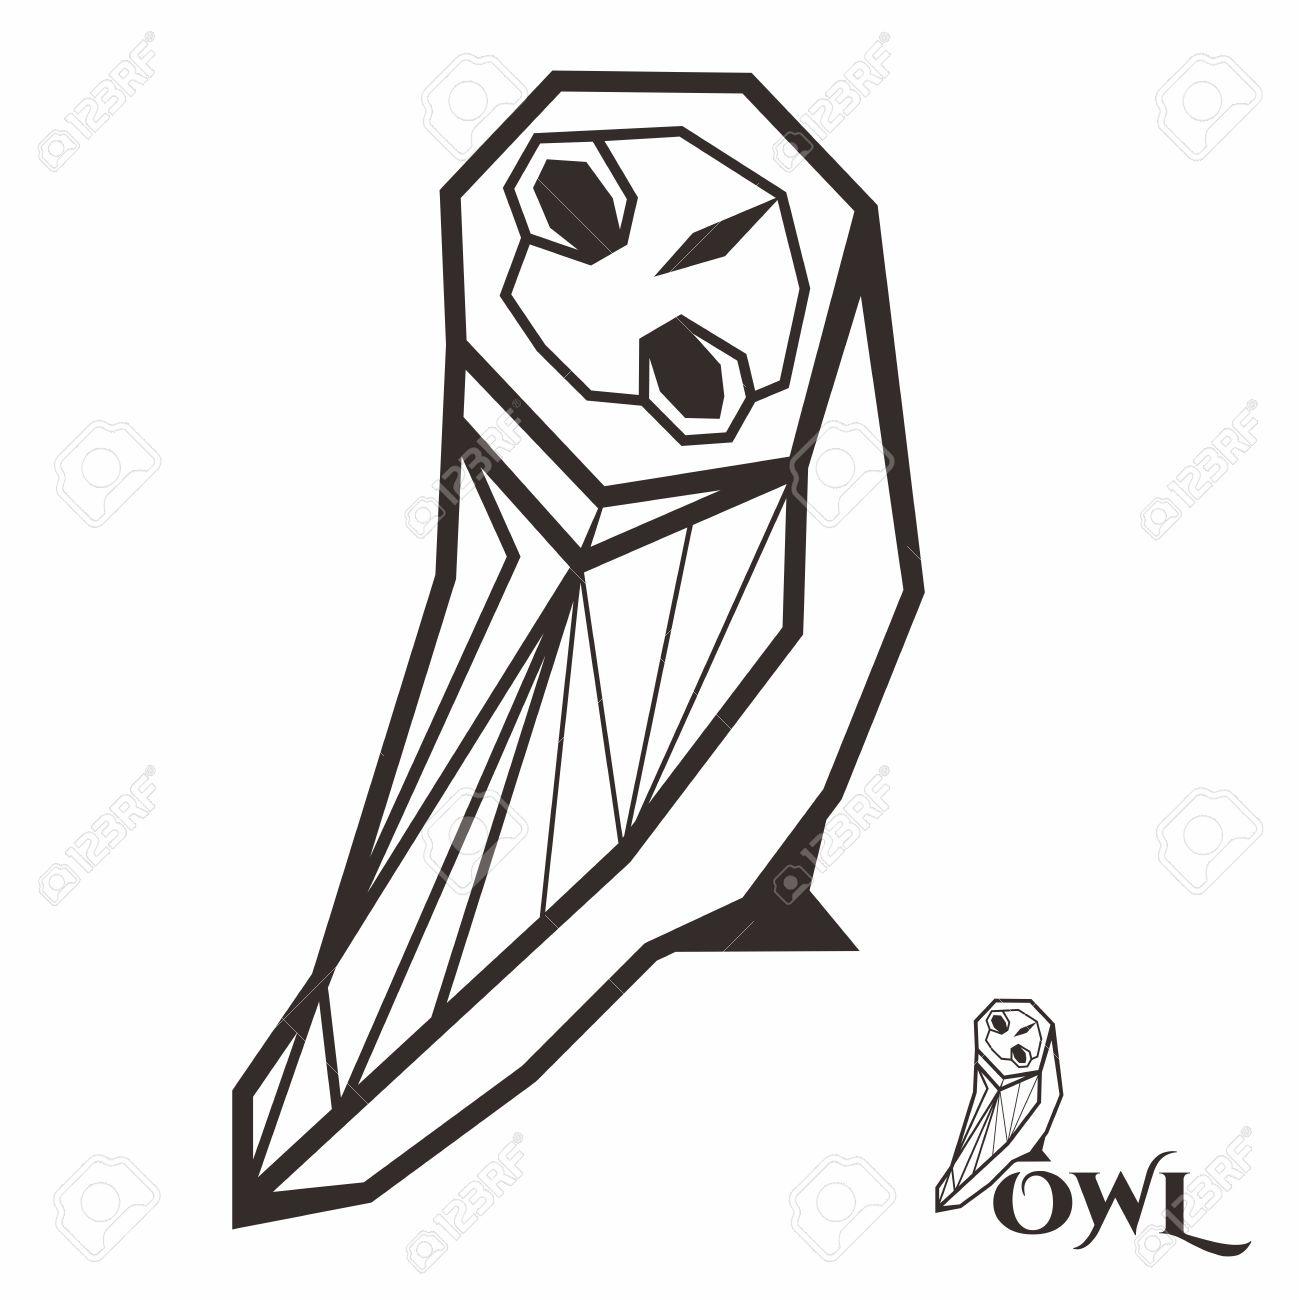 Creative Geometric Owl Illustration, Isolated On White Background.